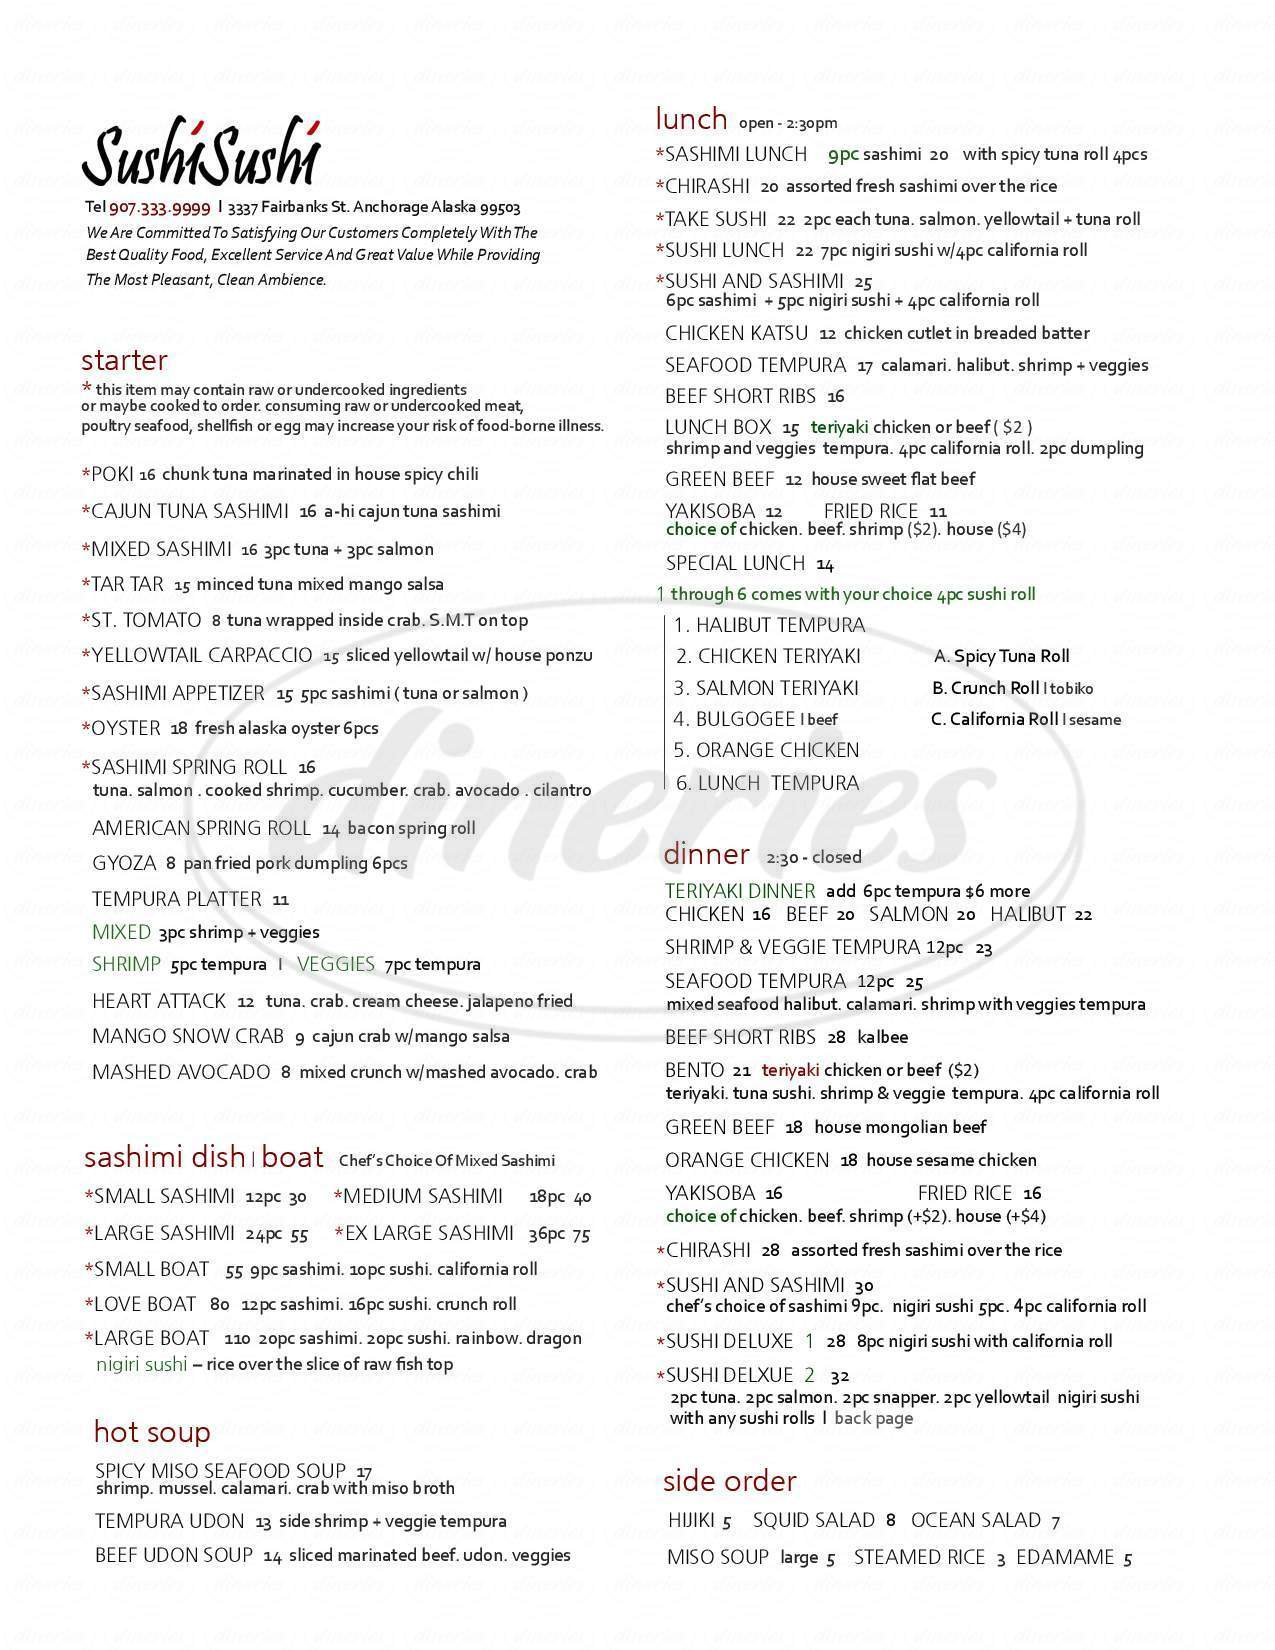 menu for Sushi & Sushi